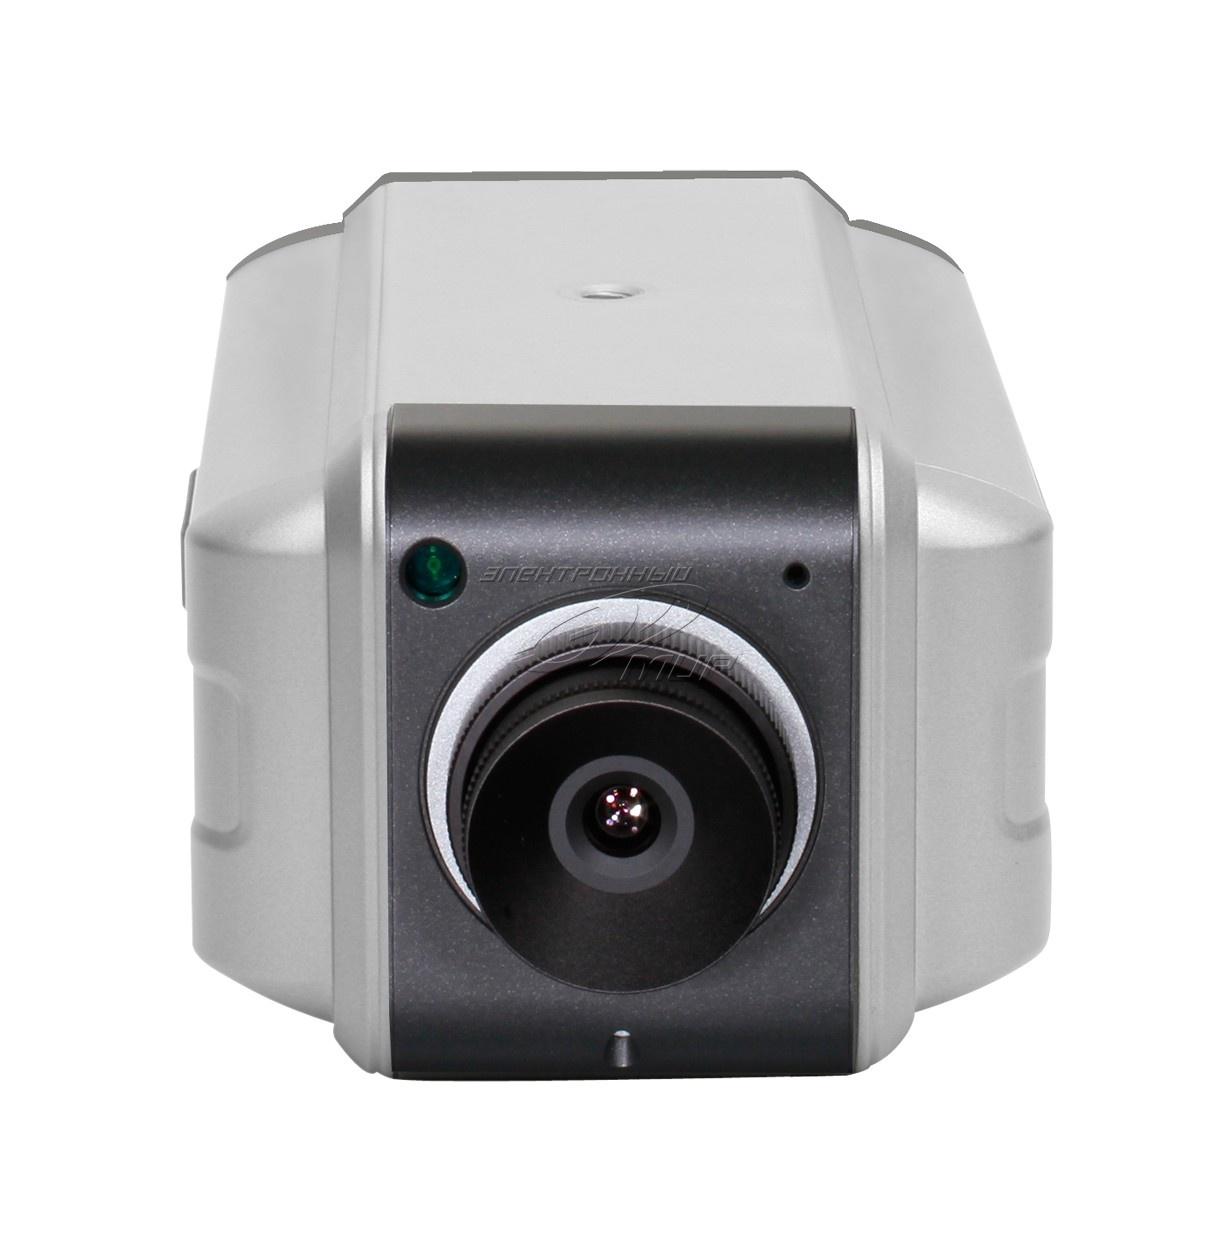 Как получить доступ к IP-камере через Интернет